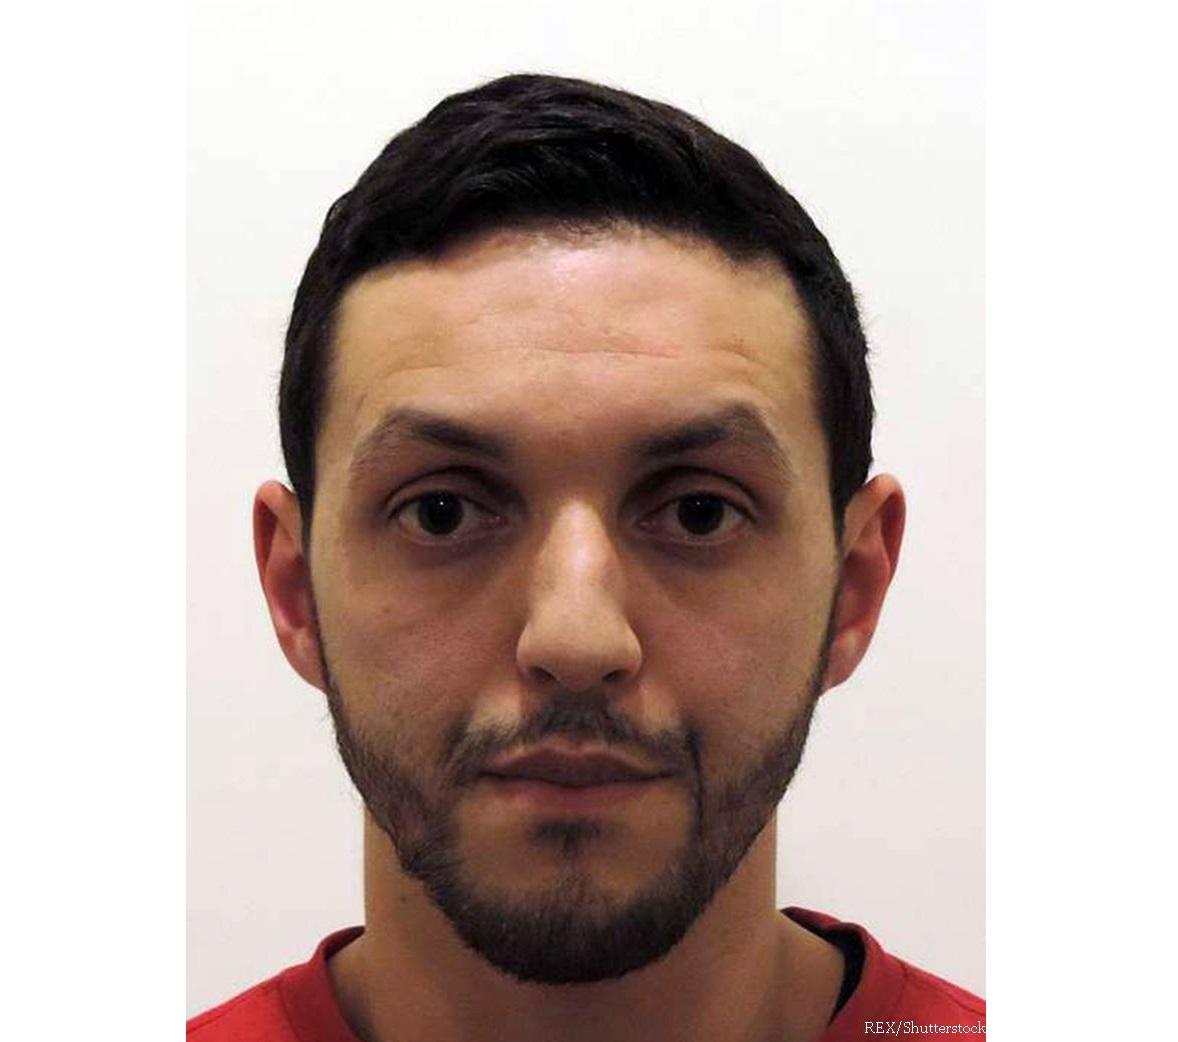 Mohamed Abrini, unul dintre cei mai cautati indivizi din Europa, a fost arestat. Unde a fost capturat